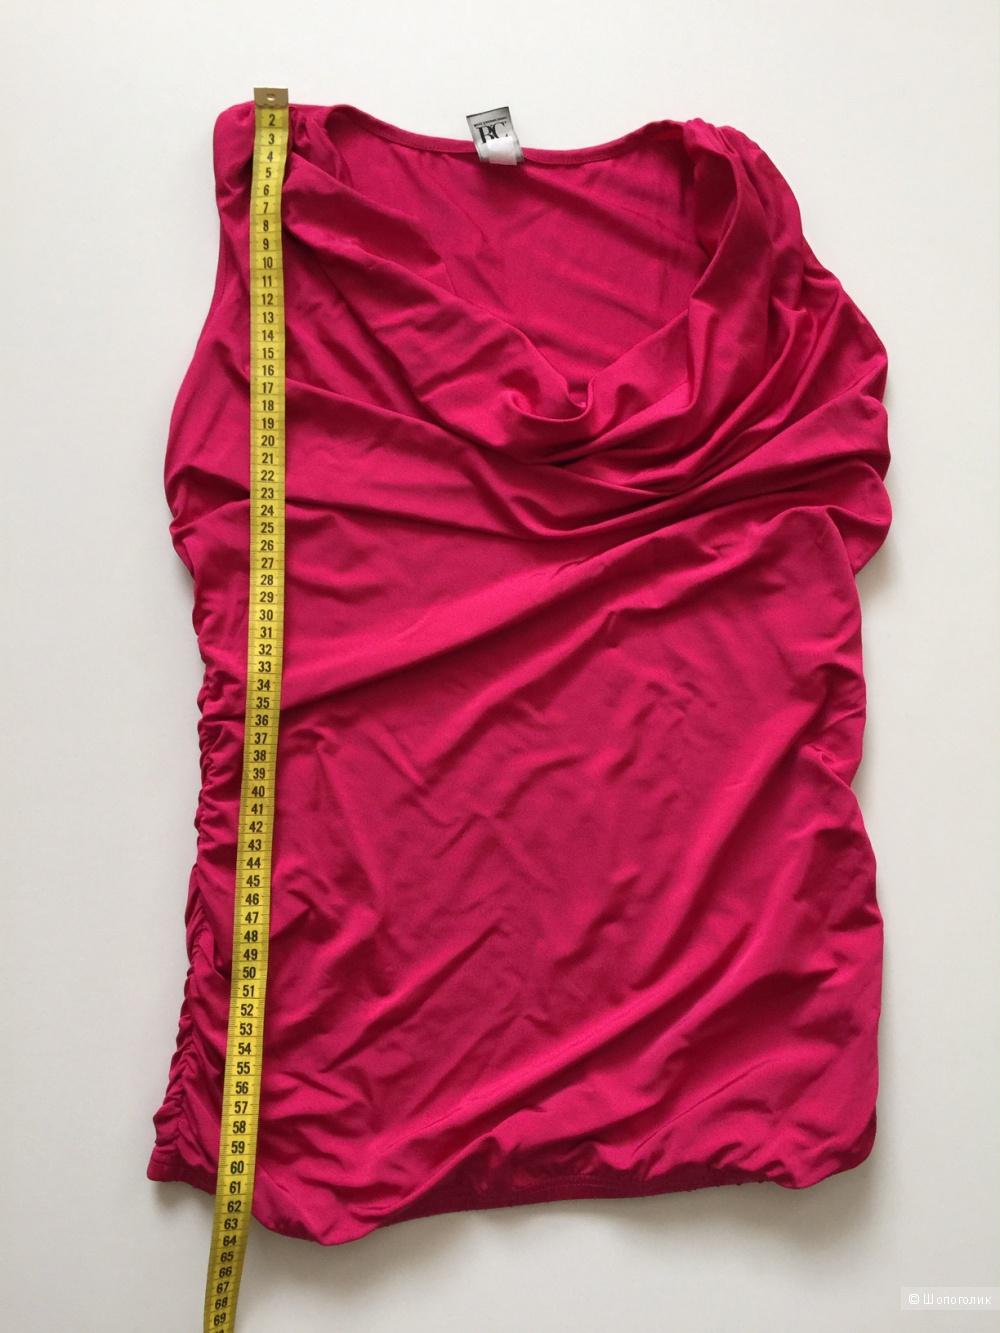 Топ удлиненный цвета фуксия марка B.C. размер M